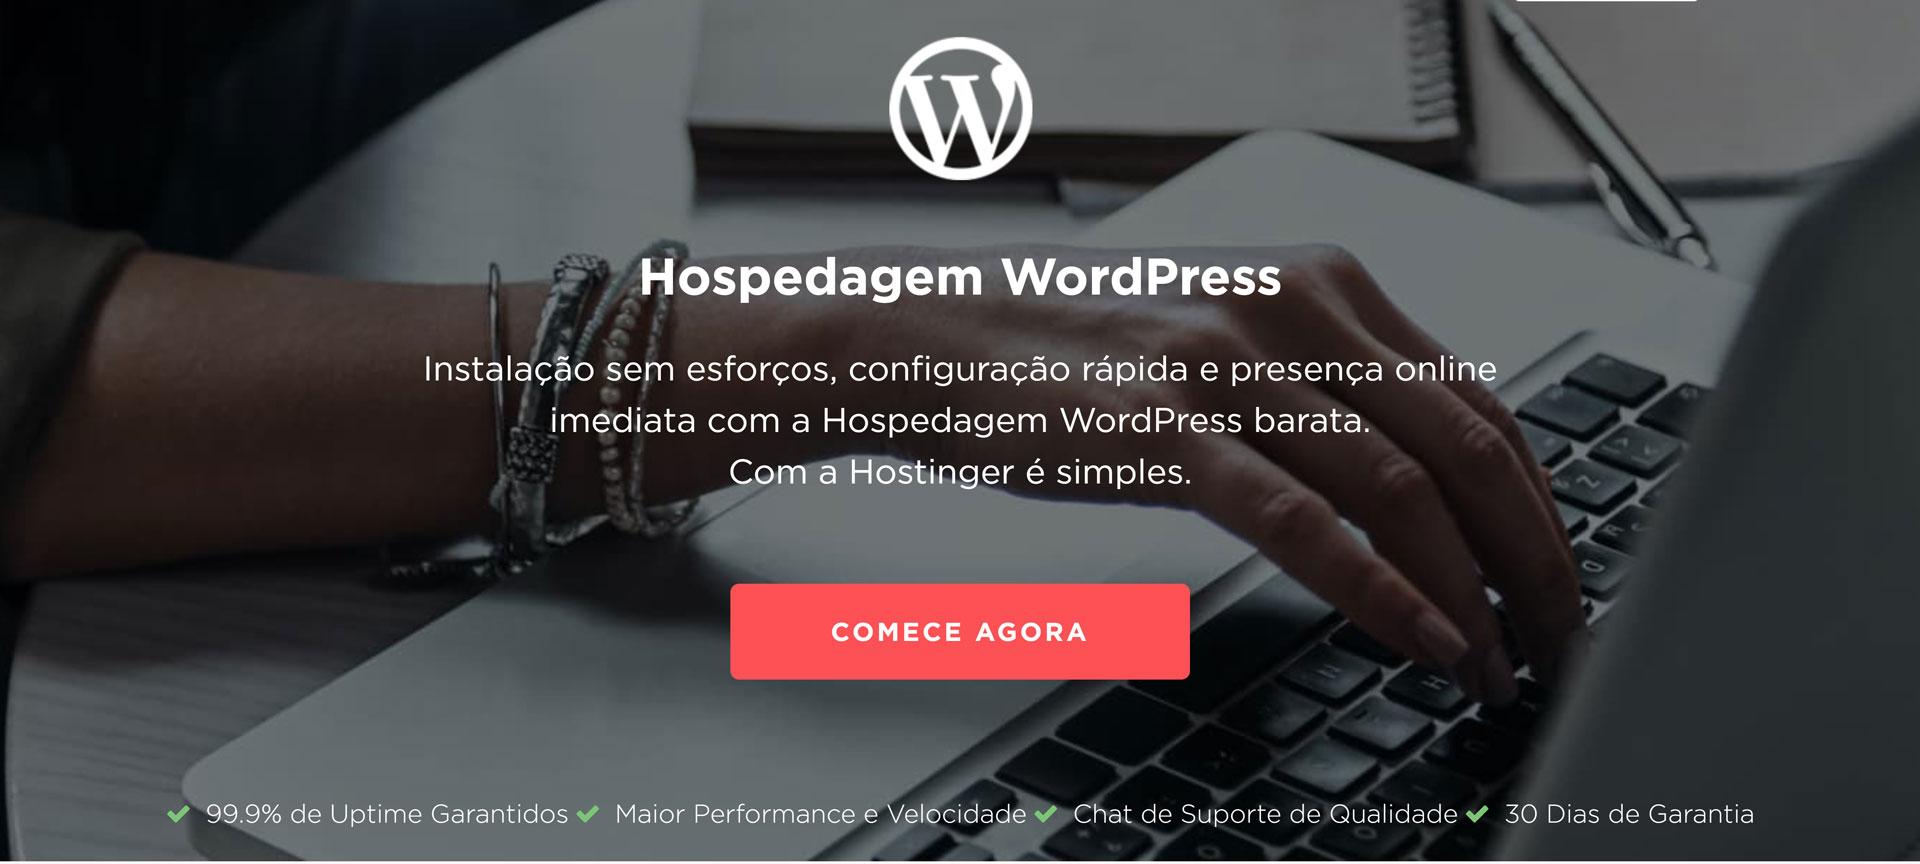 hostinger hospedagem wordpress